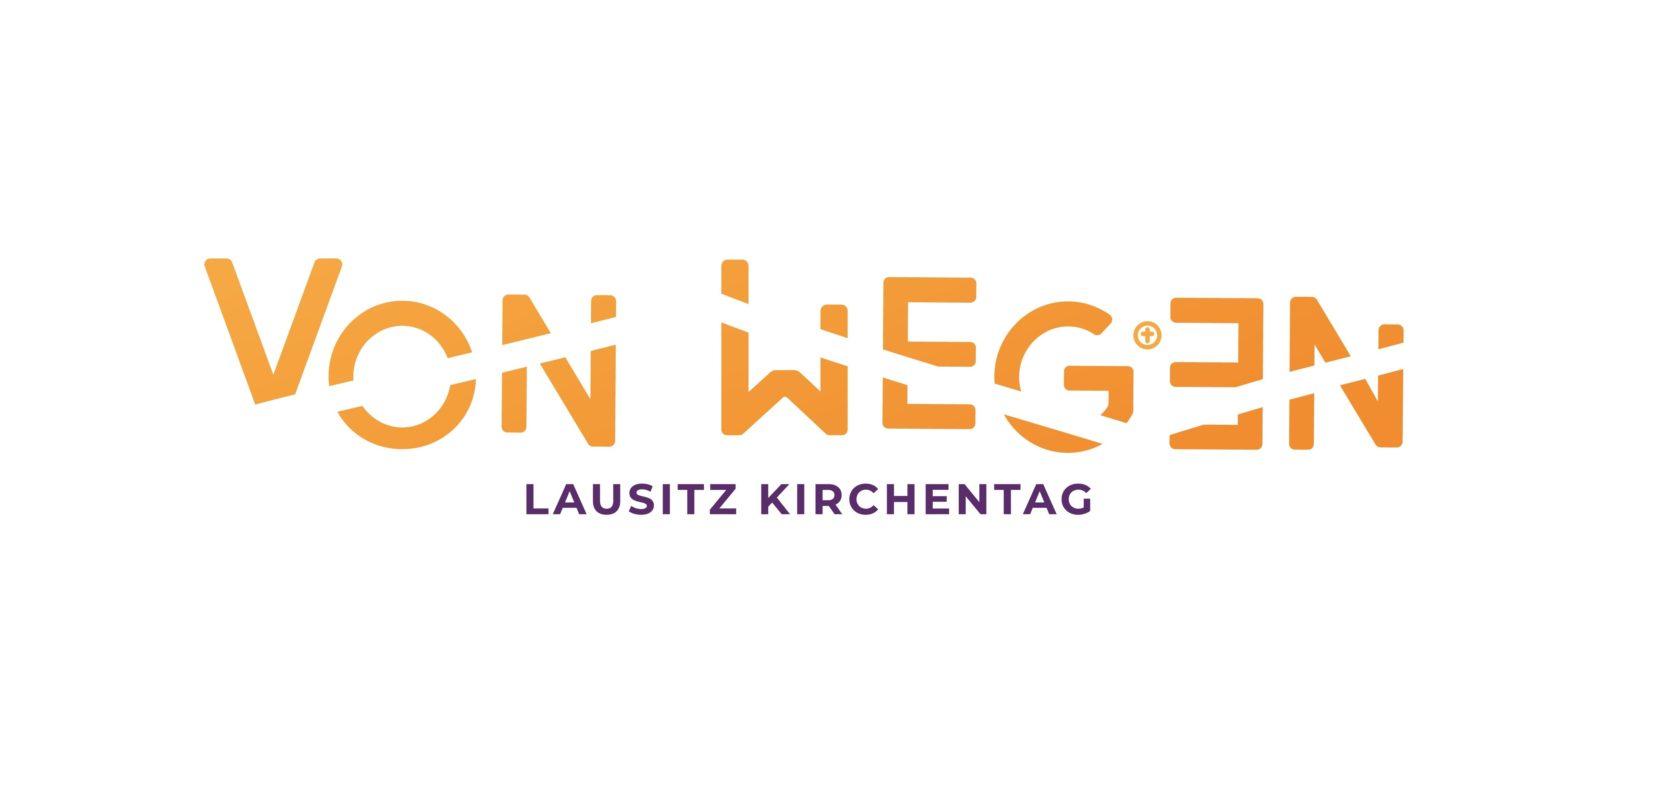 """""""VONWEGEN"""" LausitzKirchentag 2022 in Görlitz"""